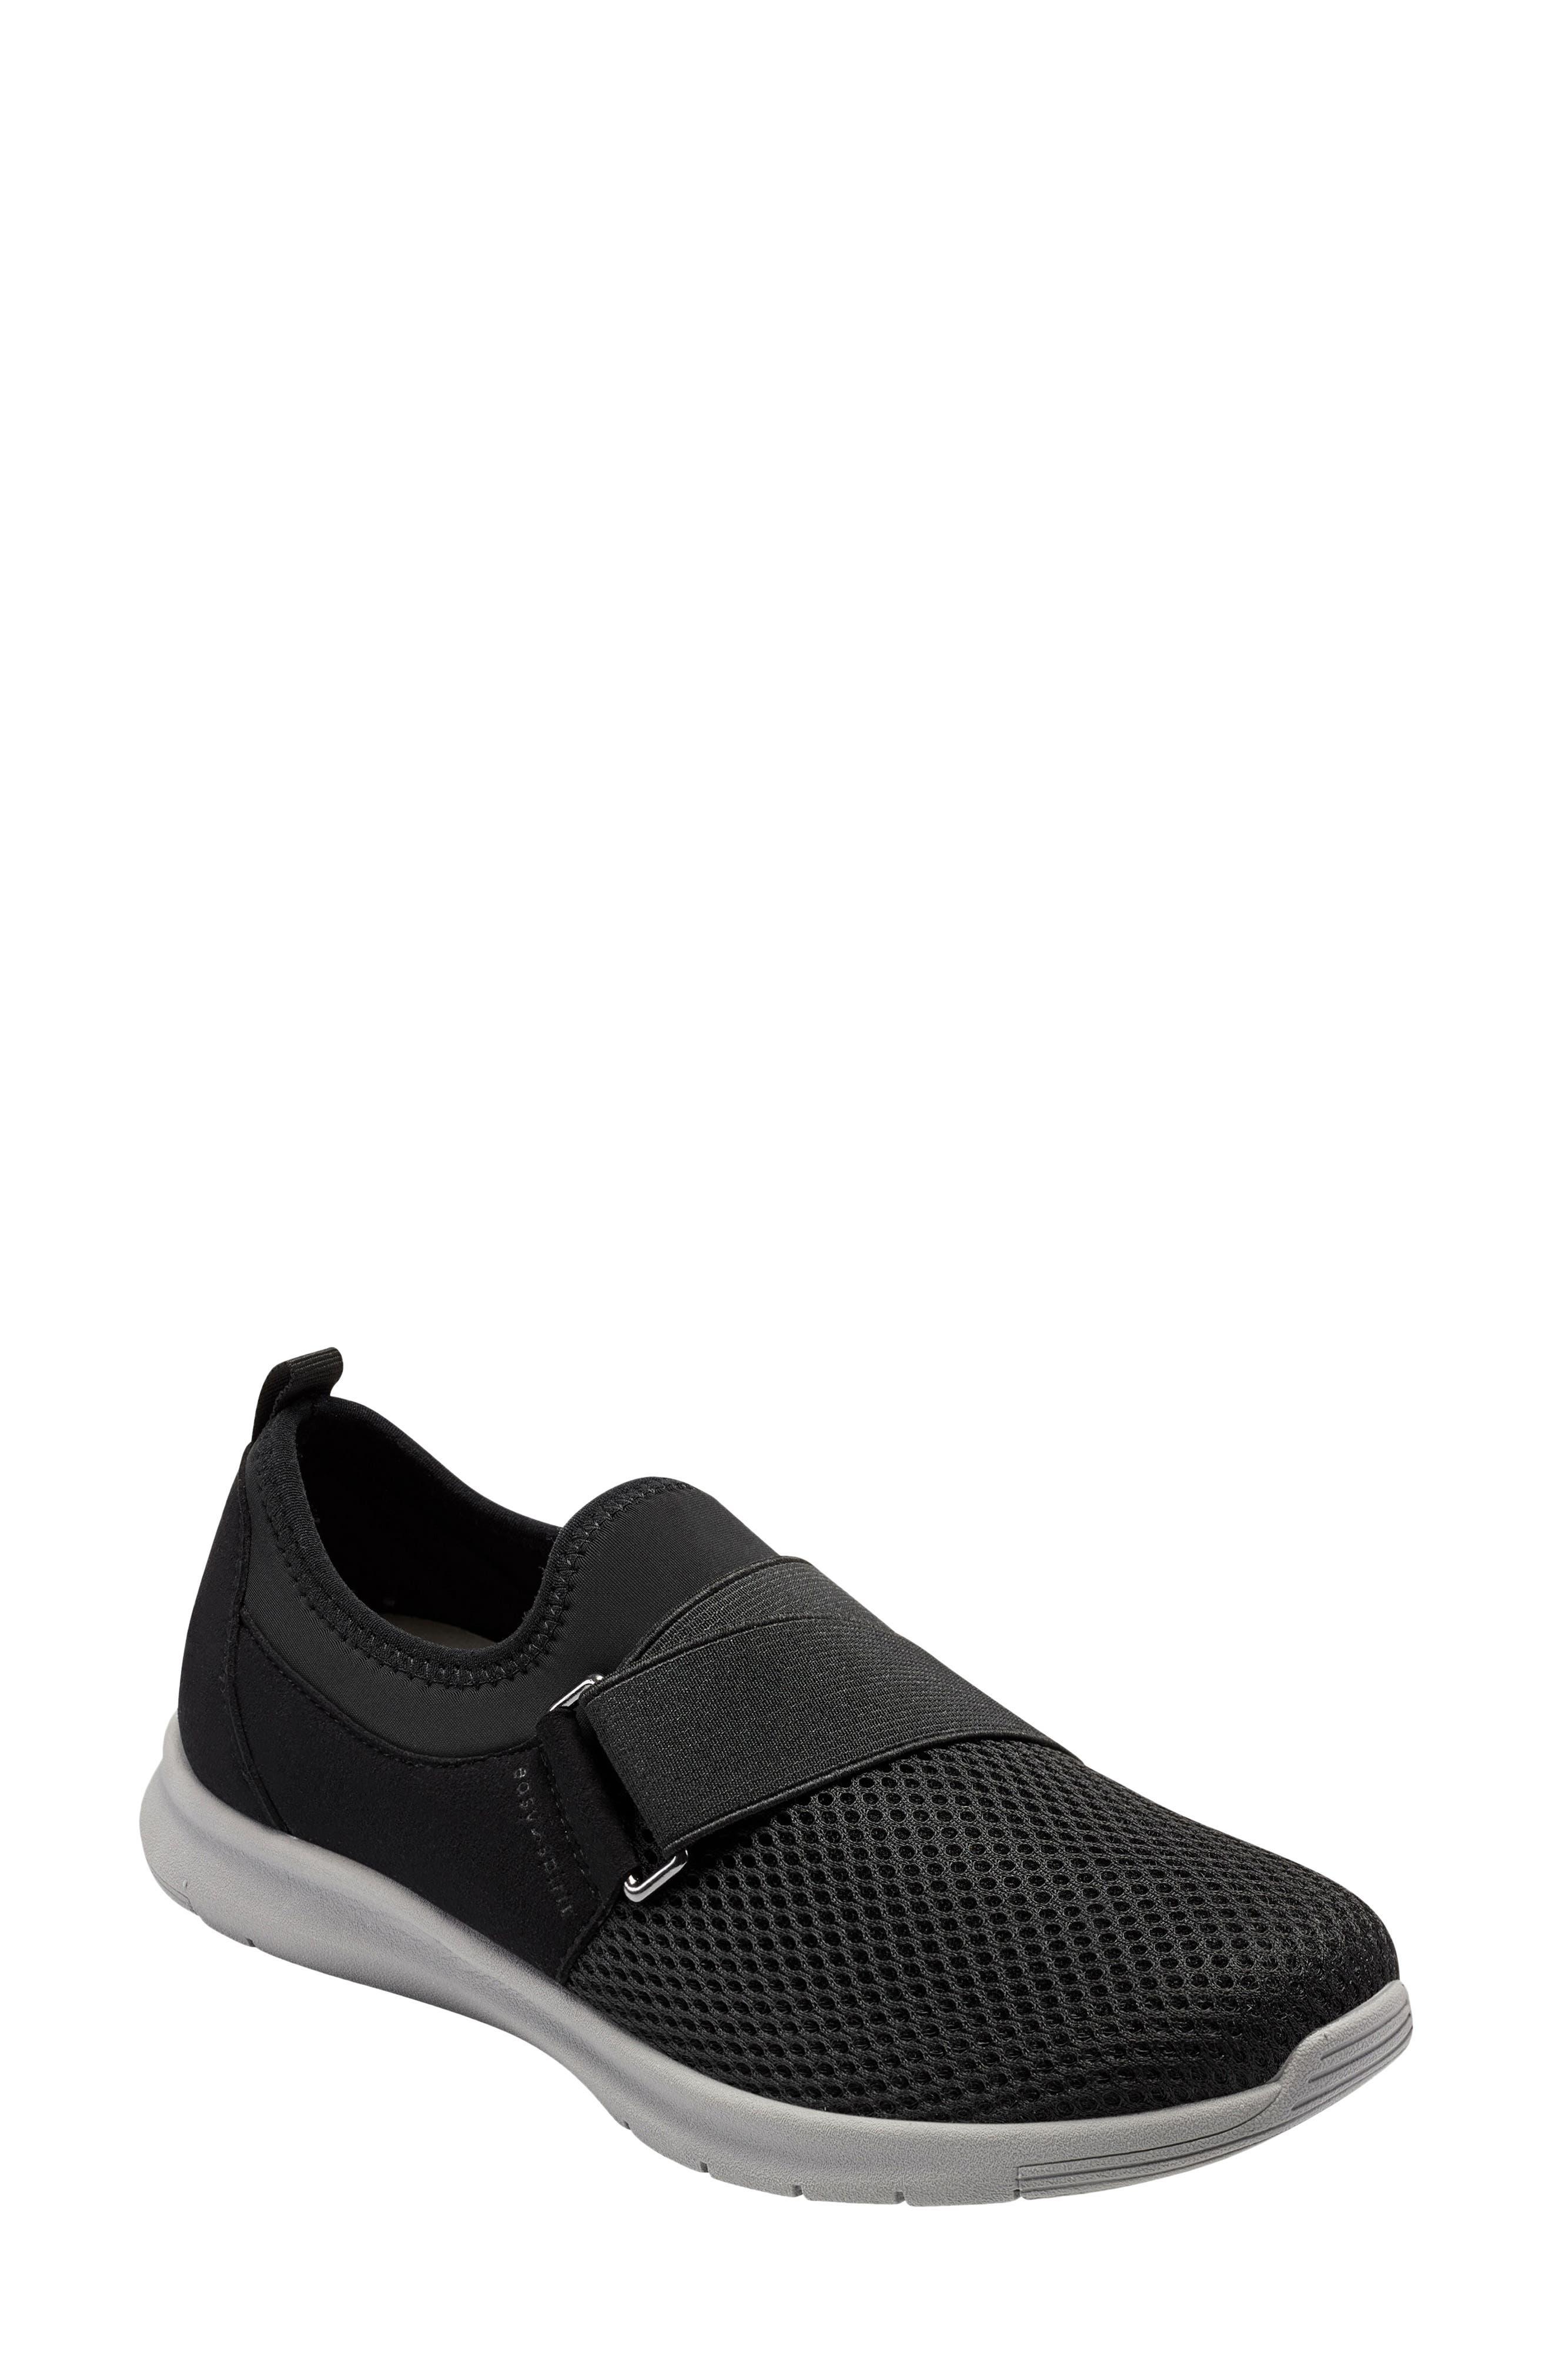 Gibb 2 Slip-On Sneaker